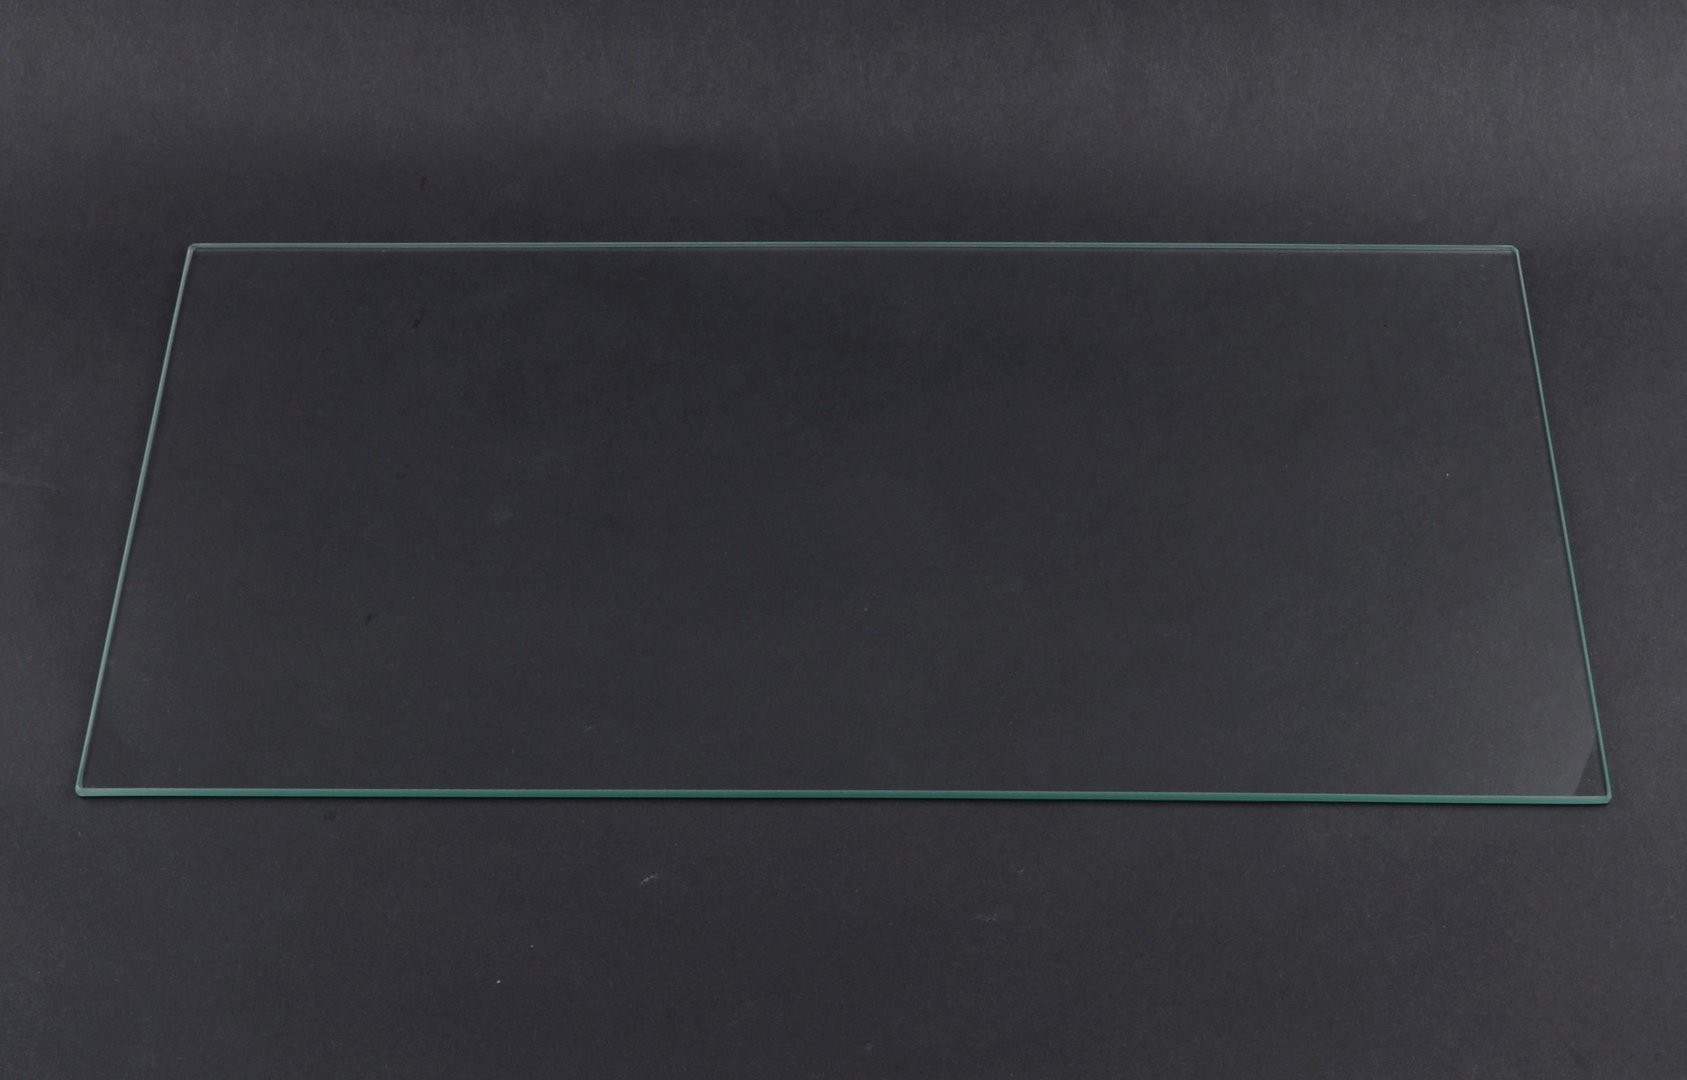 Kühlschrank Glasplatte : Kühlschrank glasplatte ersatz: glasplatte über gemüseschale aeg